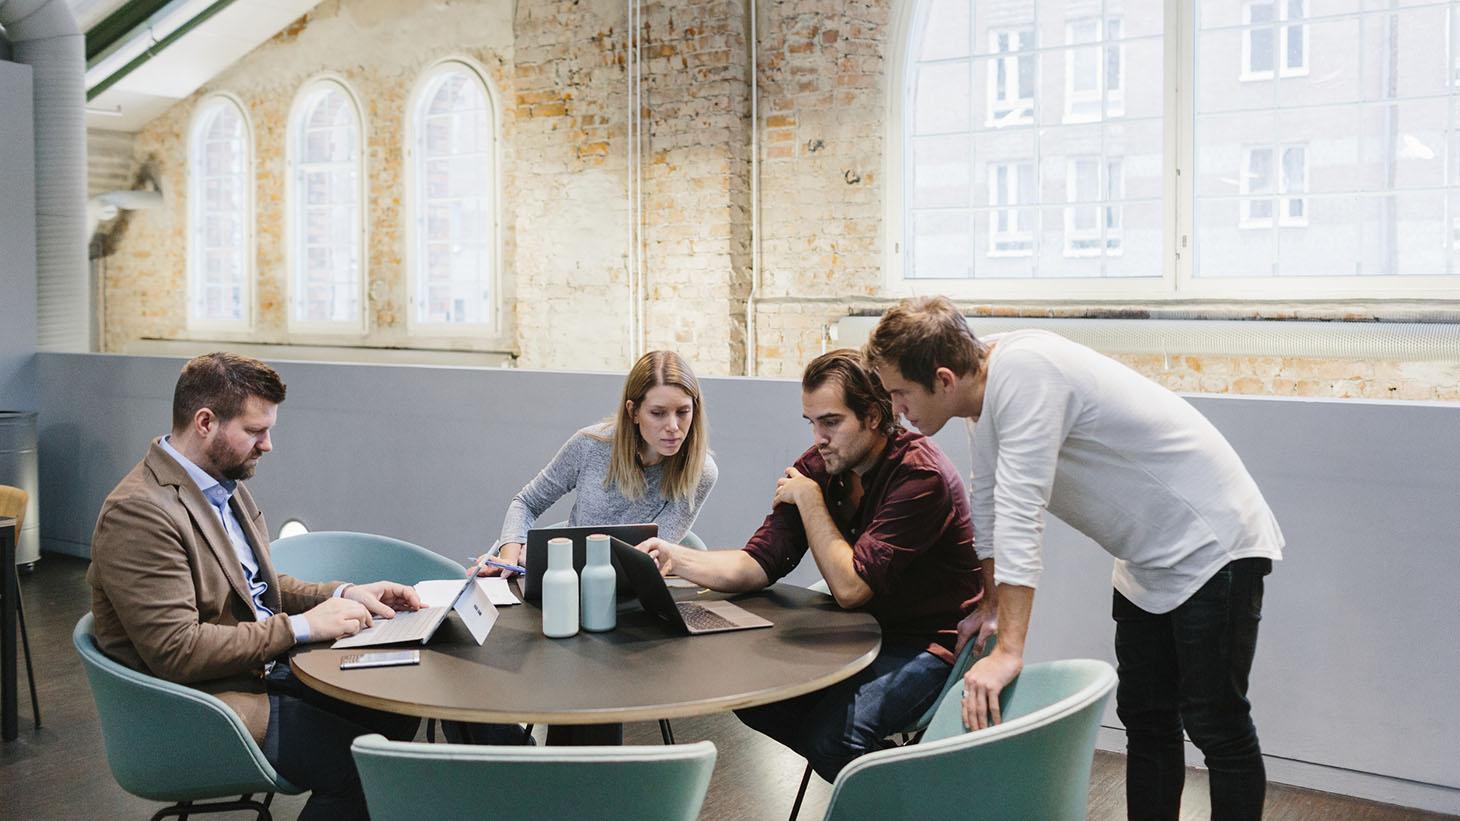 Fyra medarbetare jobbar tillsammans i en kontorsmiljö